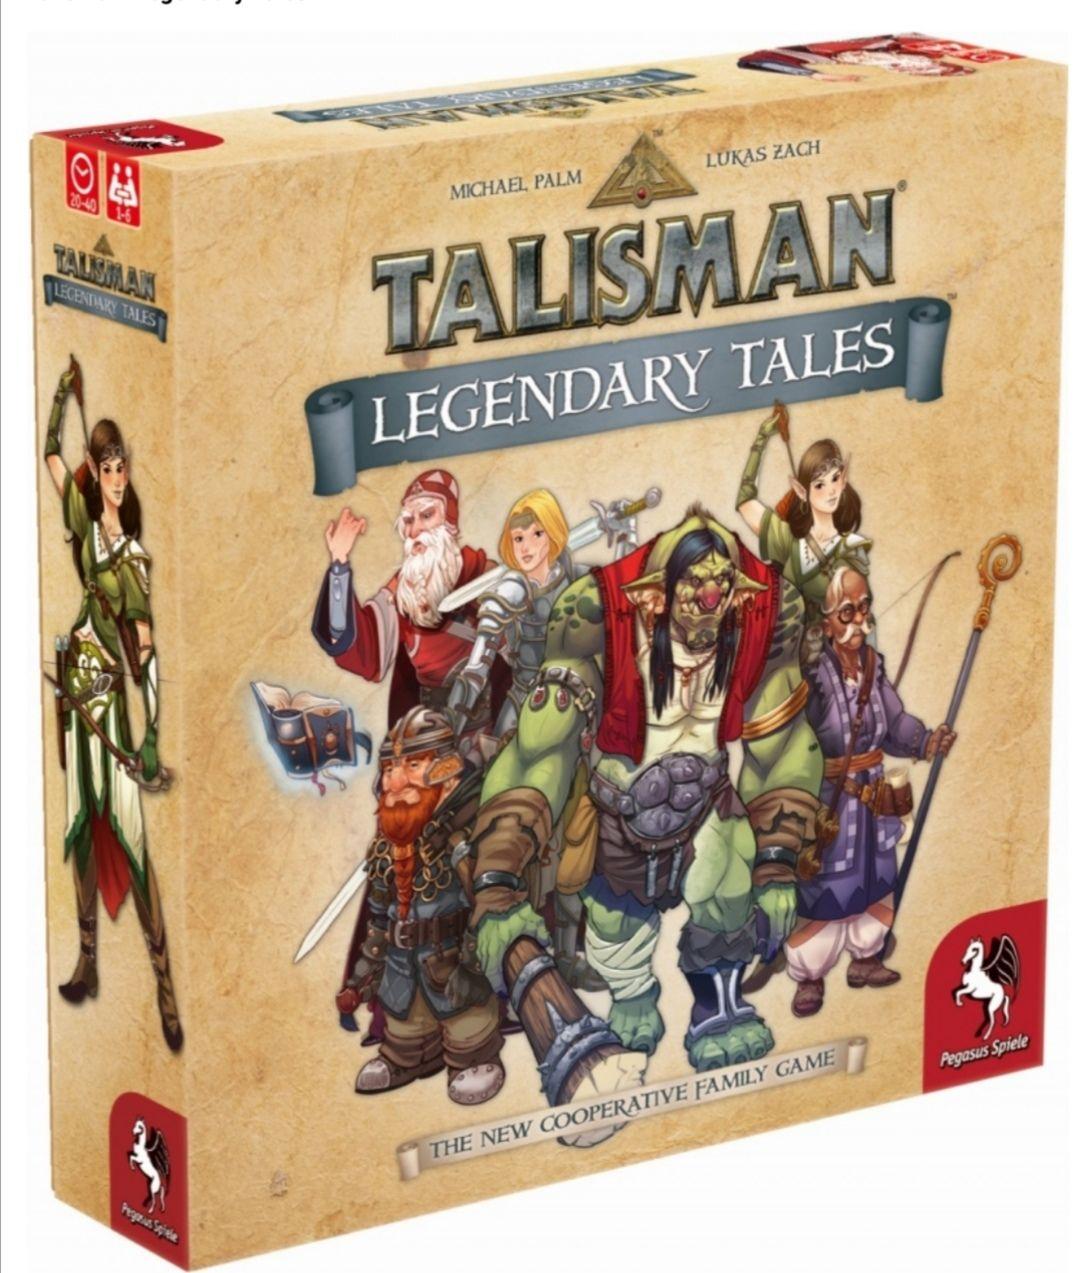 Gra planszowa Talisman: Legendary Tales, Rebel.pl